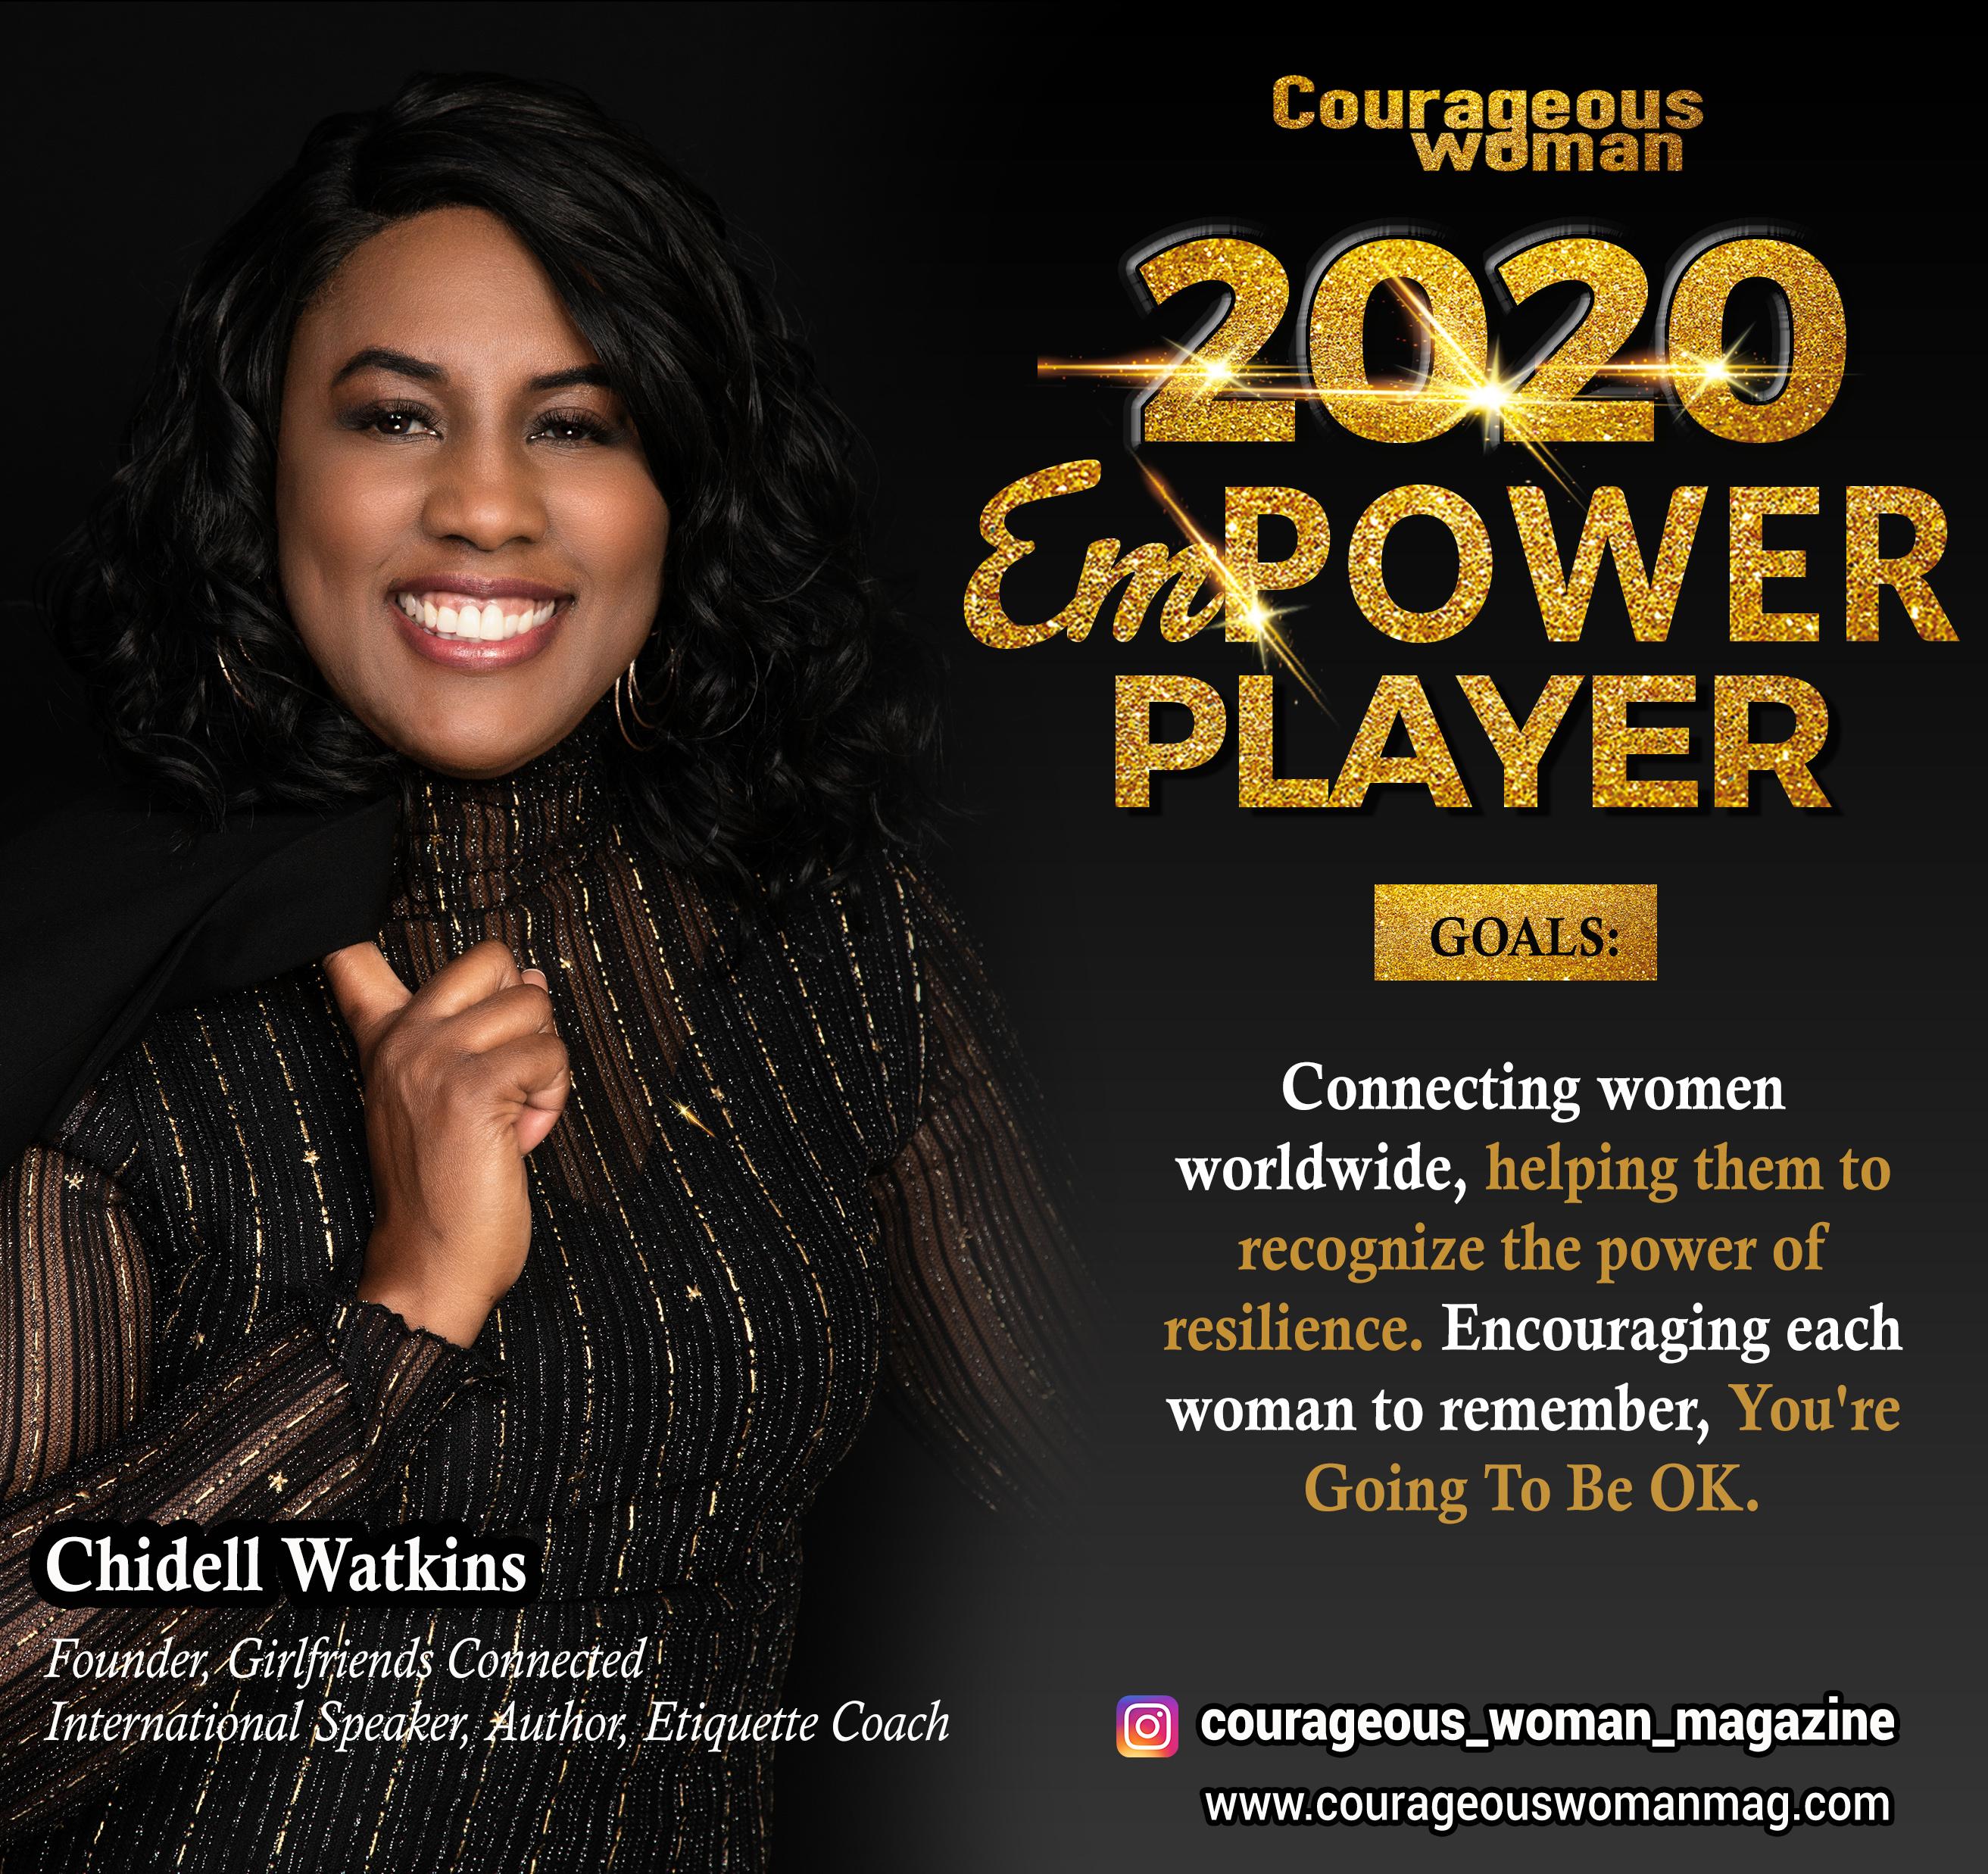 Chidell Watkins Empower Players Speaker